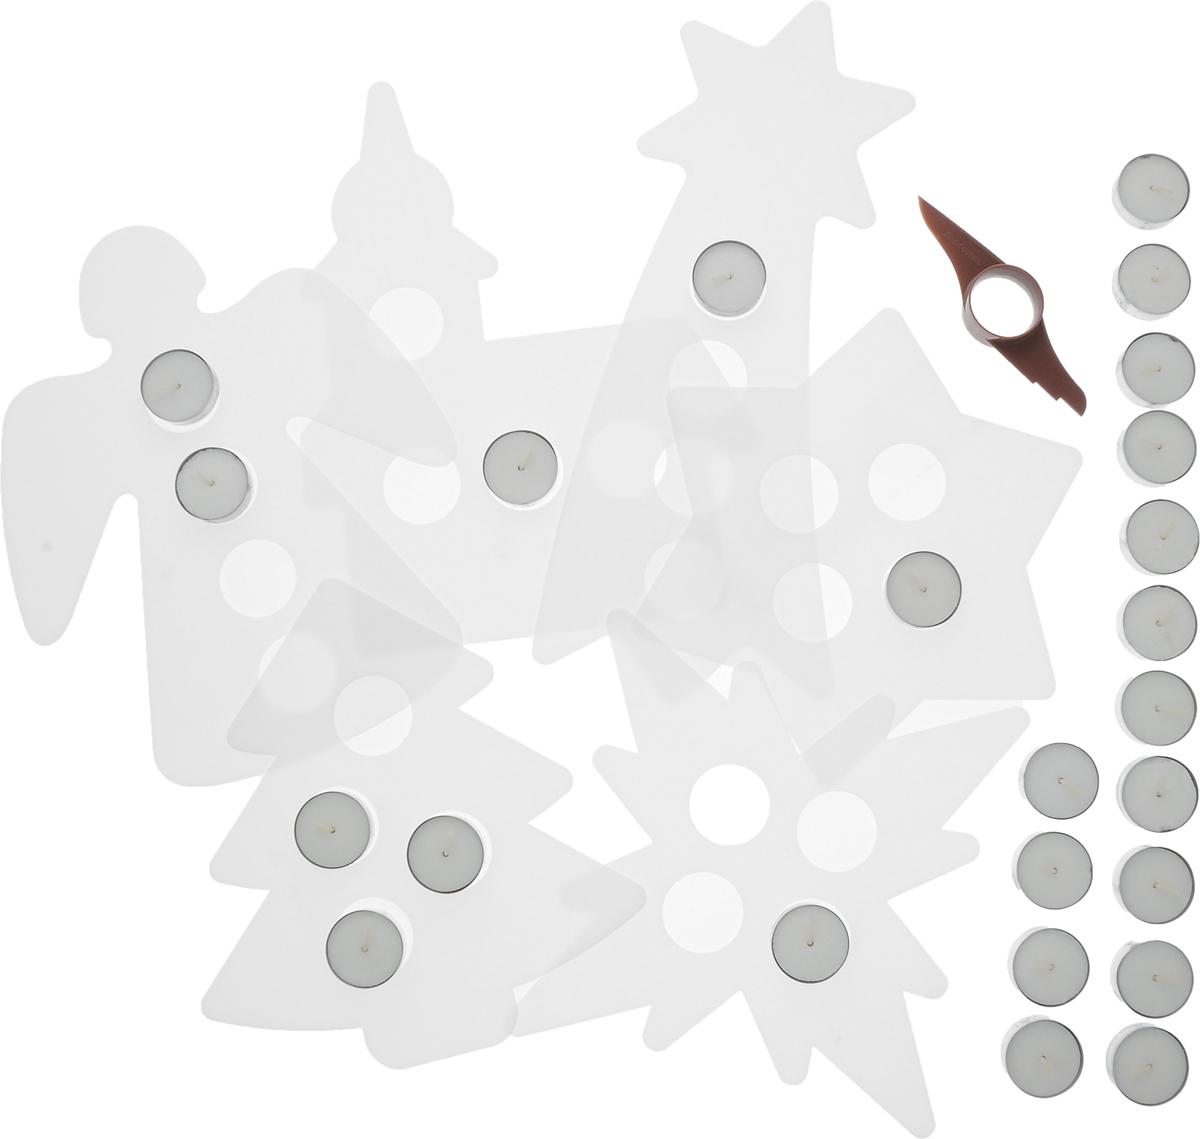 Форма для выпечки Tescoma Delicia, 6 шт. 63140694672Набор для приготовления 6 оригинальных рождественских подсвечников из домашних пряников, которые станут изысканным и вкусным украшением вашего праздничного стола и доставят невероятное удовольствие вашей семье и детям. В набор входят 6 различных шаблонов подсвечников, многофункциональный пластиковый нож с приспособлением для измерения толщины теста и 24 чайные свечи. Внутри упаковки вы найдете подробные инструкции для приготовления и рецепты. После использования все предметы достаточно промыть тепло водой и высушить.